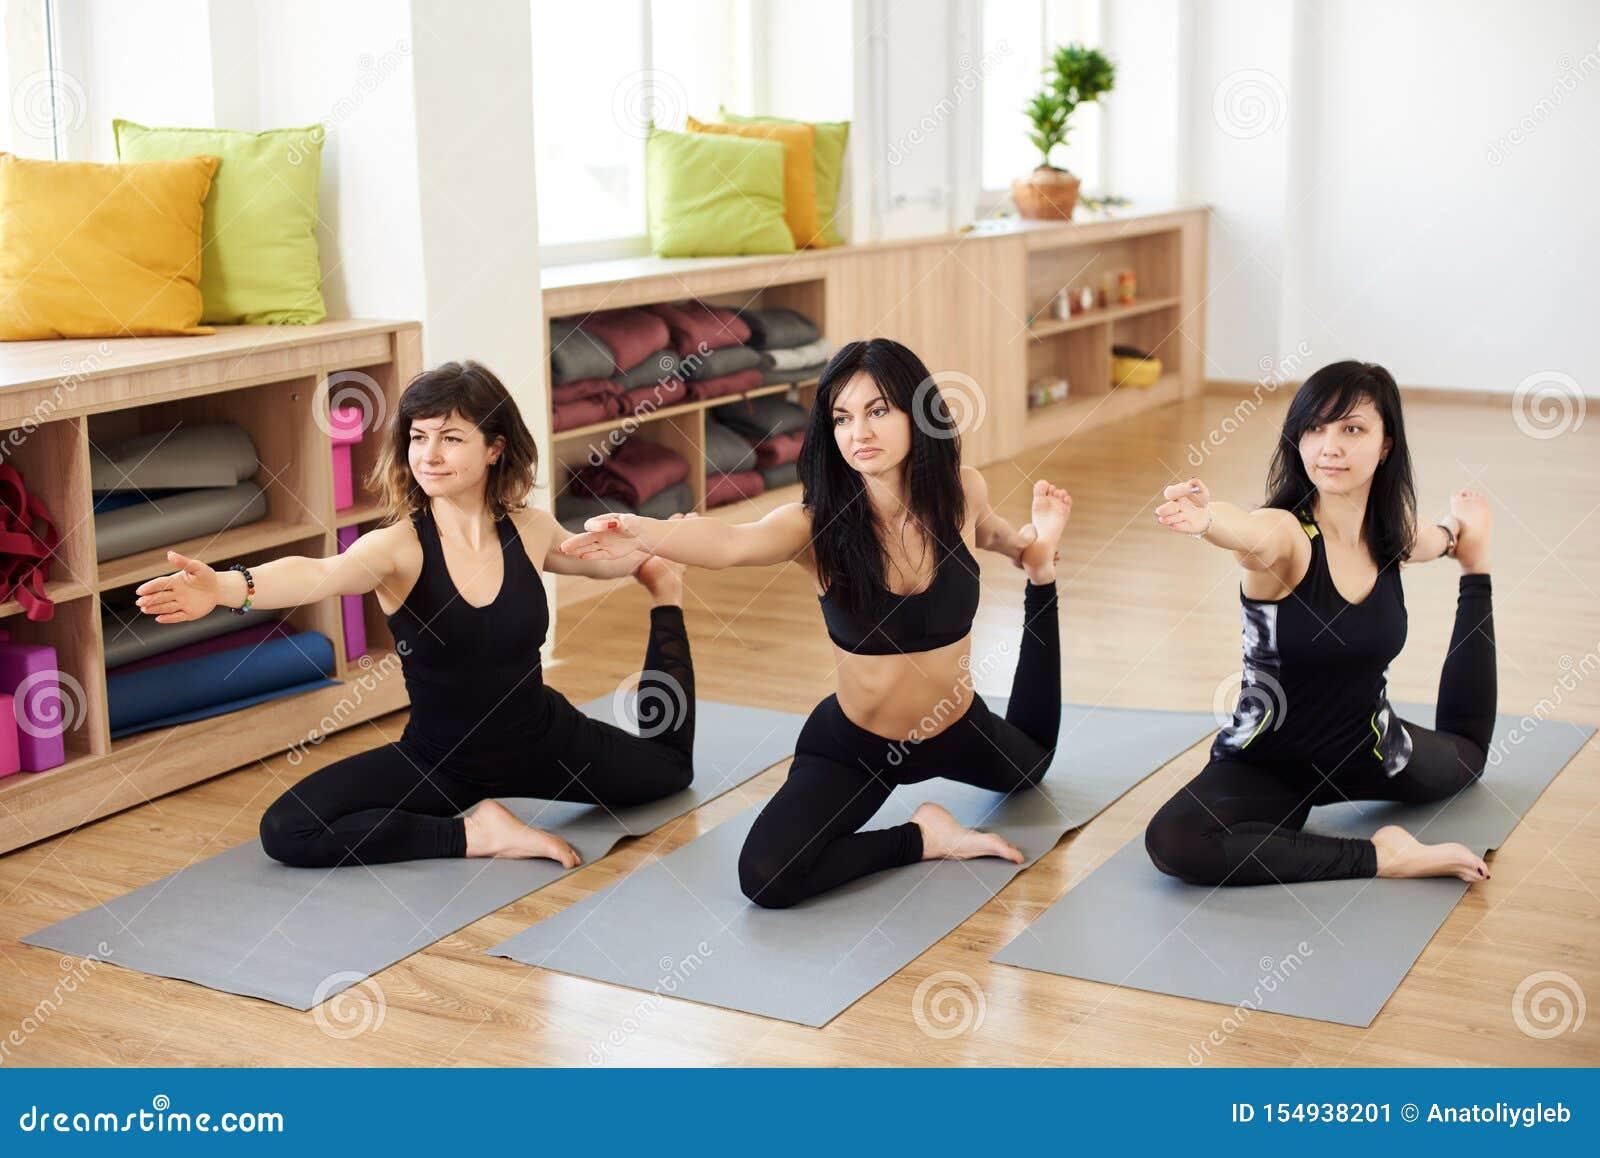 Раздумье группы людей делая сидя представление йоги в роскошный фитнес-центр Женщины практикуя asana вызвали представление голубя